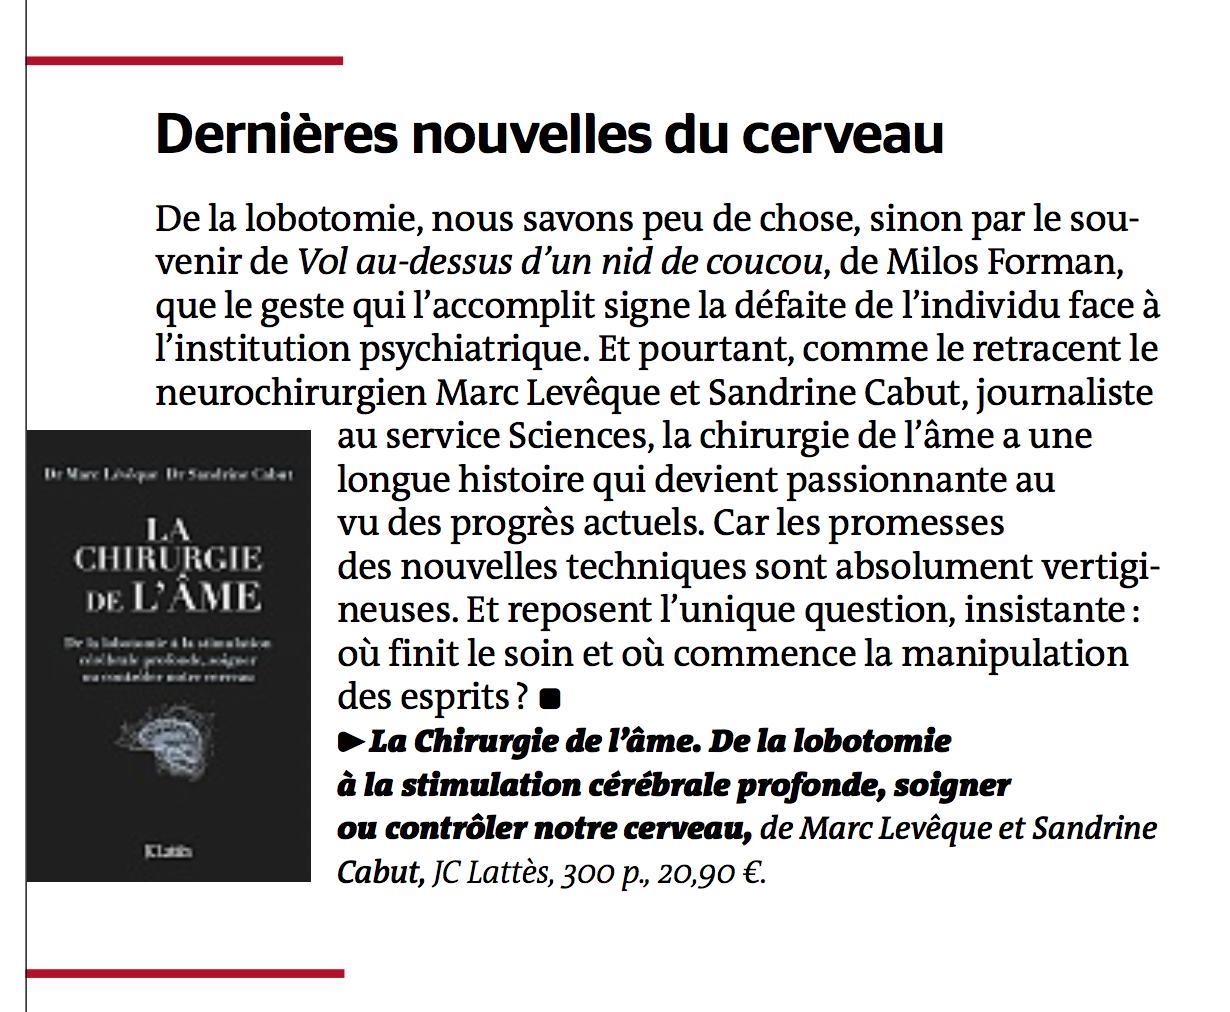 Le Monde - 16 mars 2017